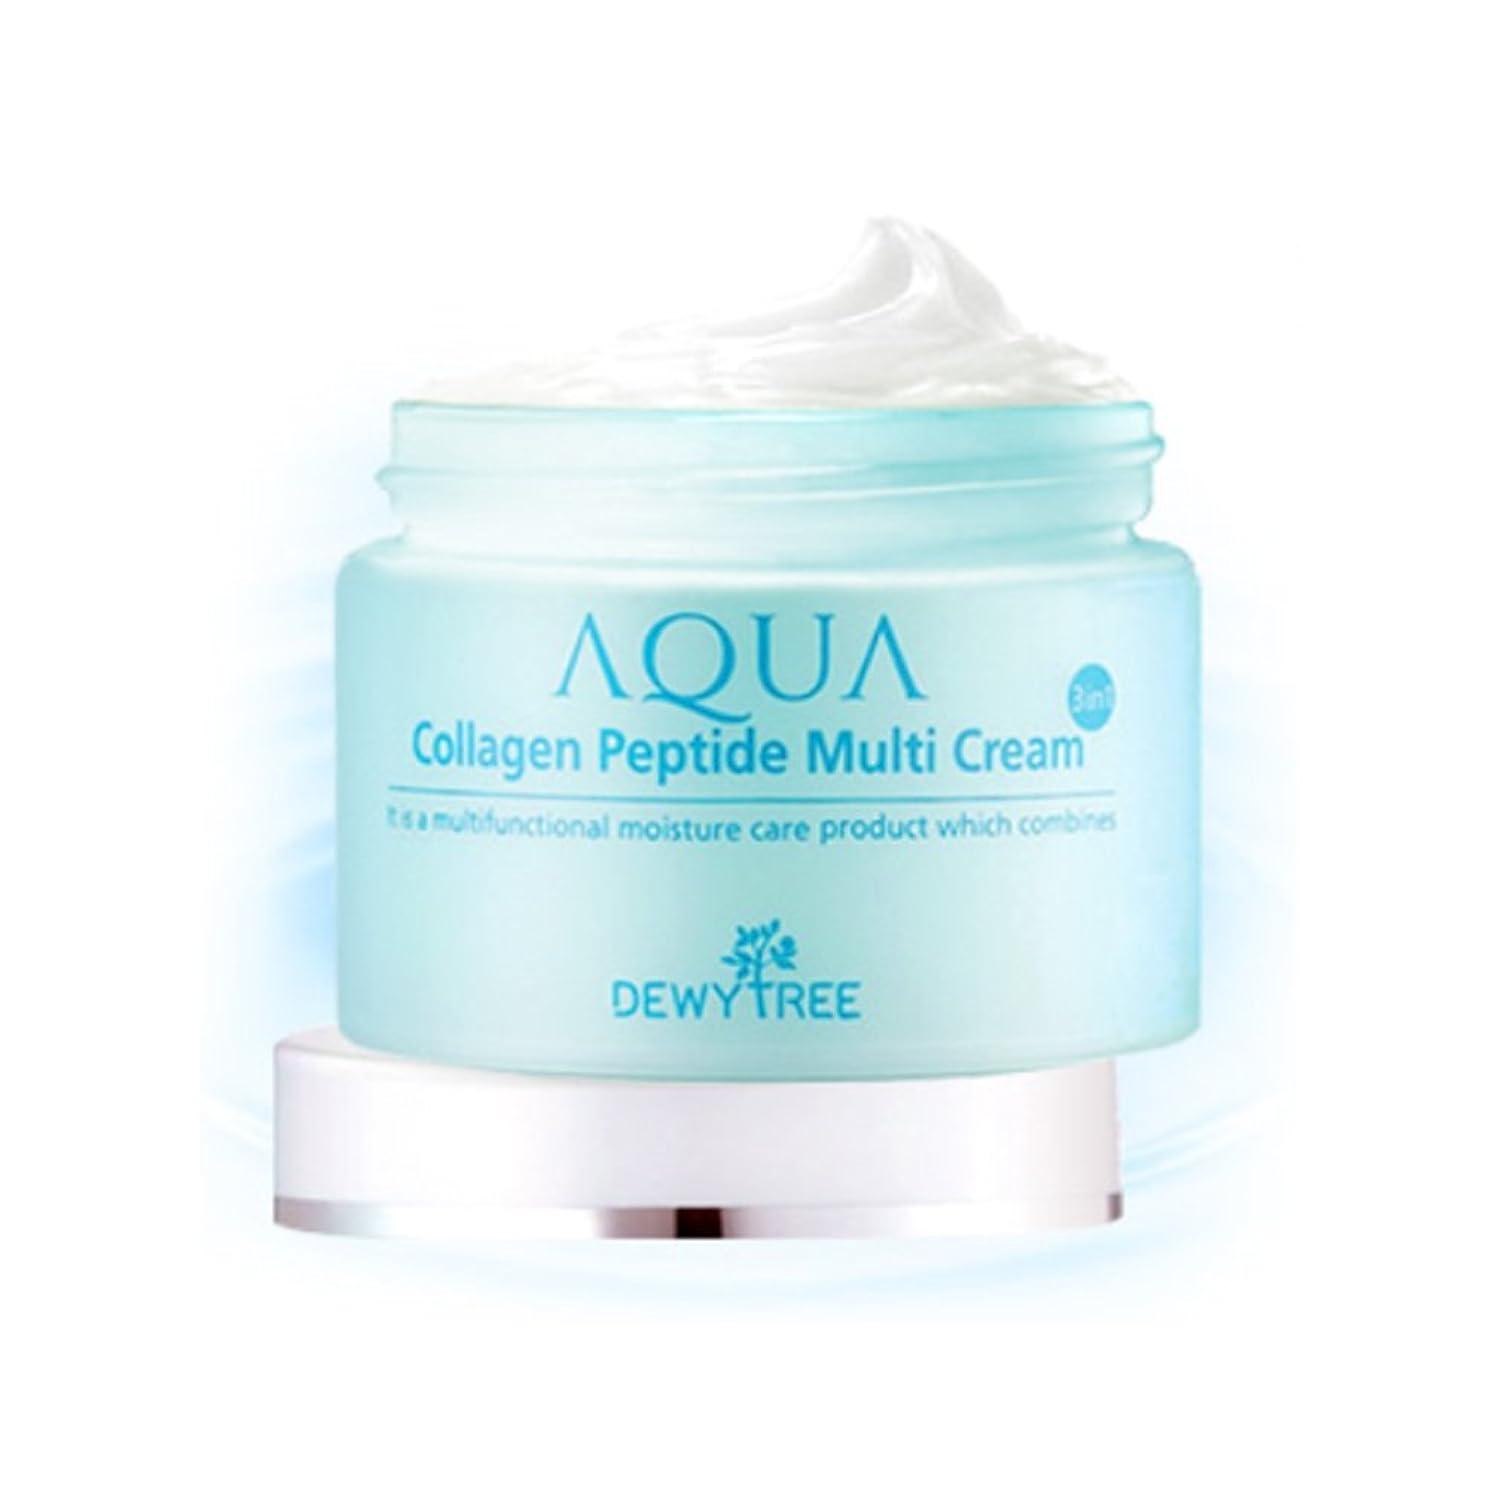 ねばねば笑女優[Dewytree] デュイトゥリー アクアコラーゲン ペプチド マルチクリーム Aqua Collagen Peptide Multi Cream (50ml) / [並行輸入品]